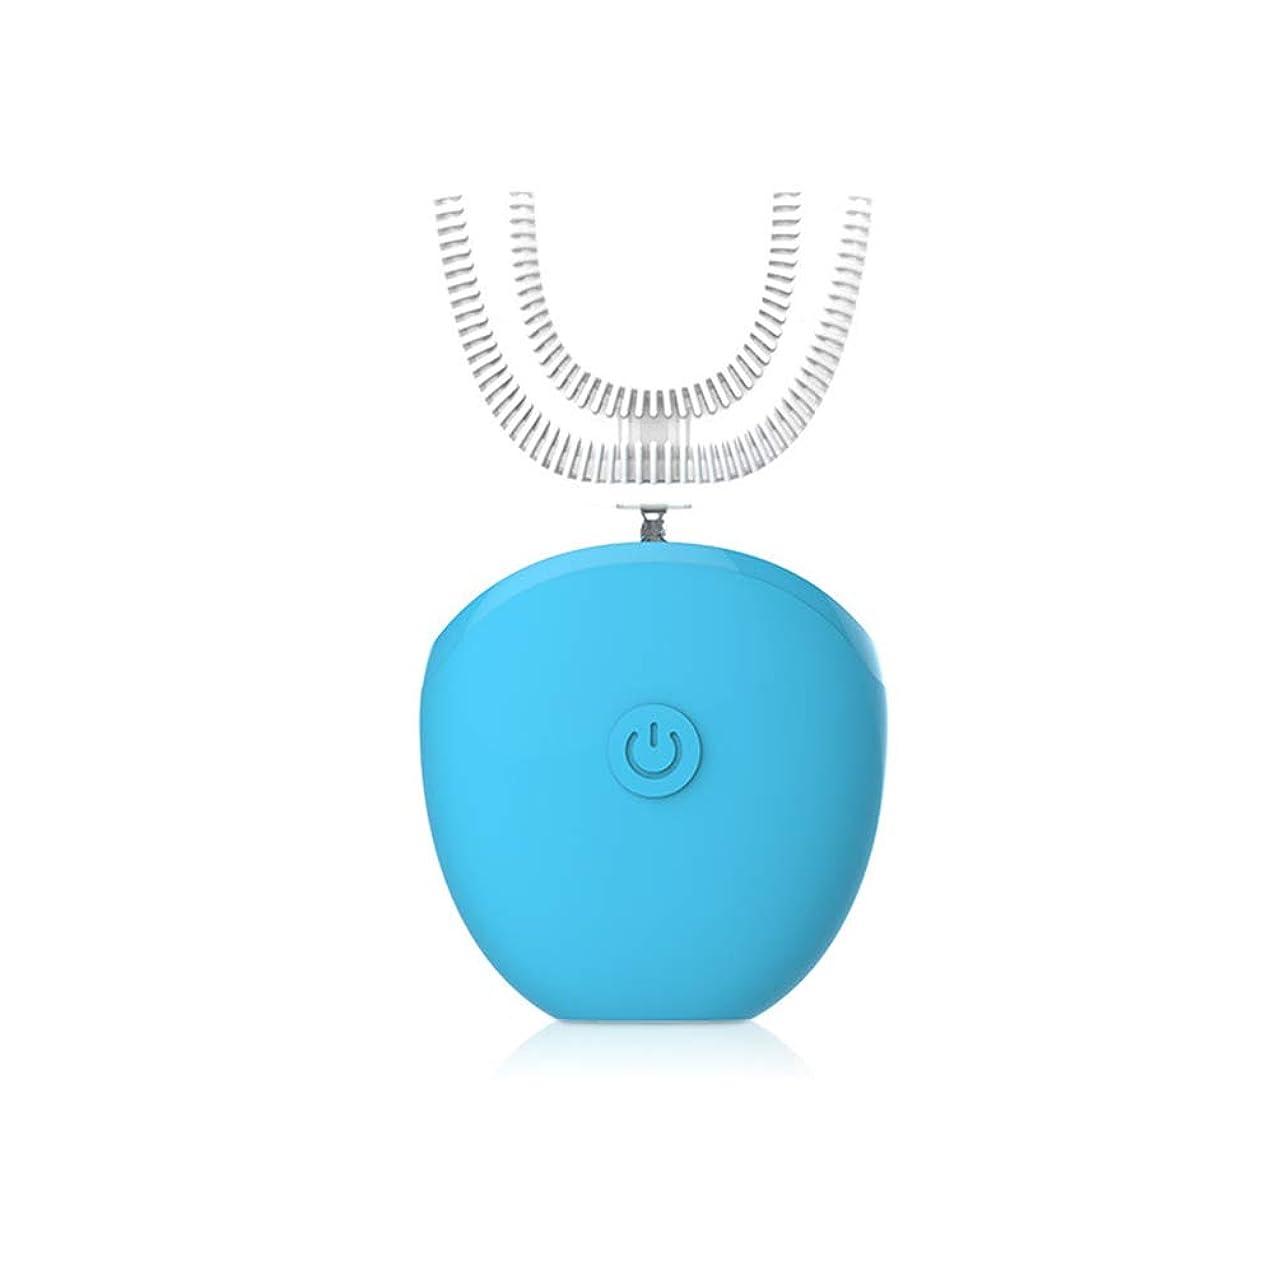 世辞機動あらゆる種類の全自動電動歯ブラシ、360°超音波歯ブラシ、15秒での高速ブラッシング、Lazy Tooth Cleaner、ワイヤレス充電ドック,Blue